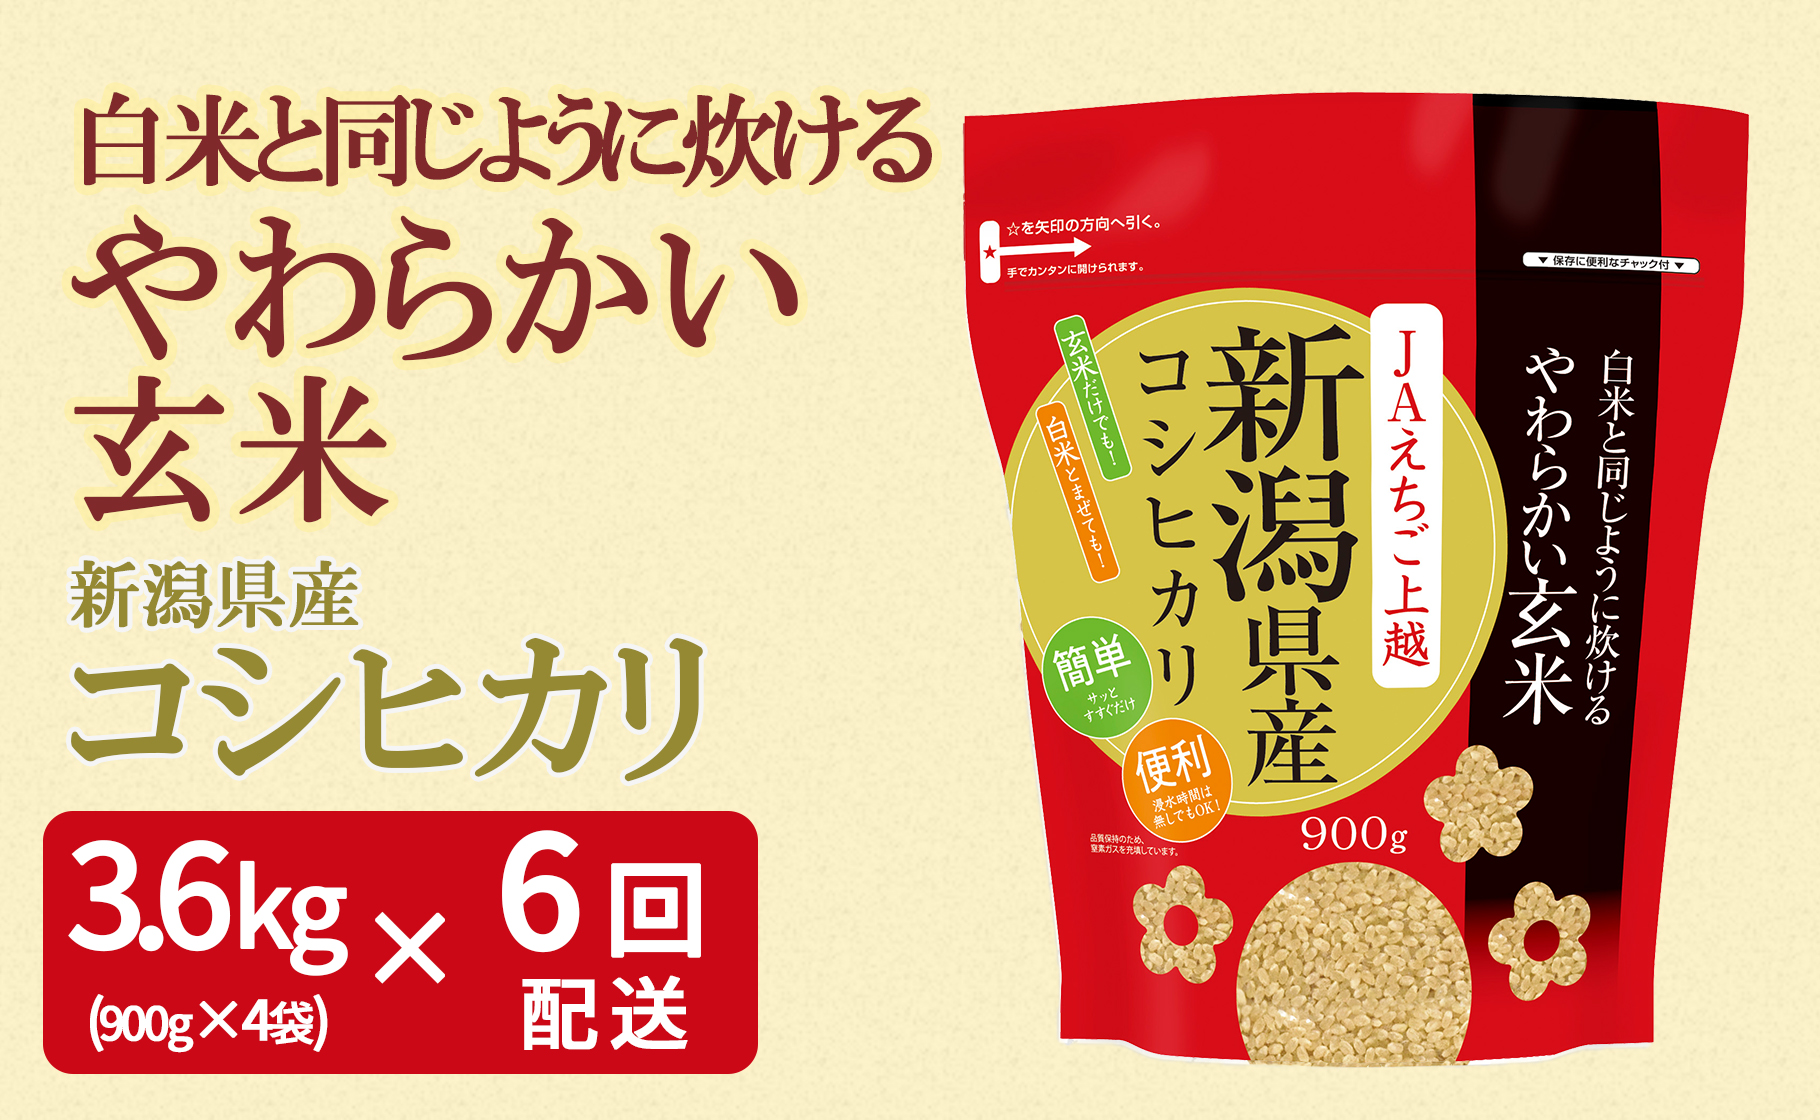 やわらかい玄米 新潟県産コシヒカリ 900g×4袋 ※定期便6回 安心安全なヤマトライス H074-124